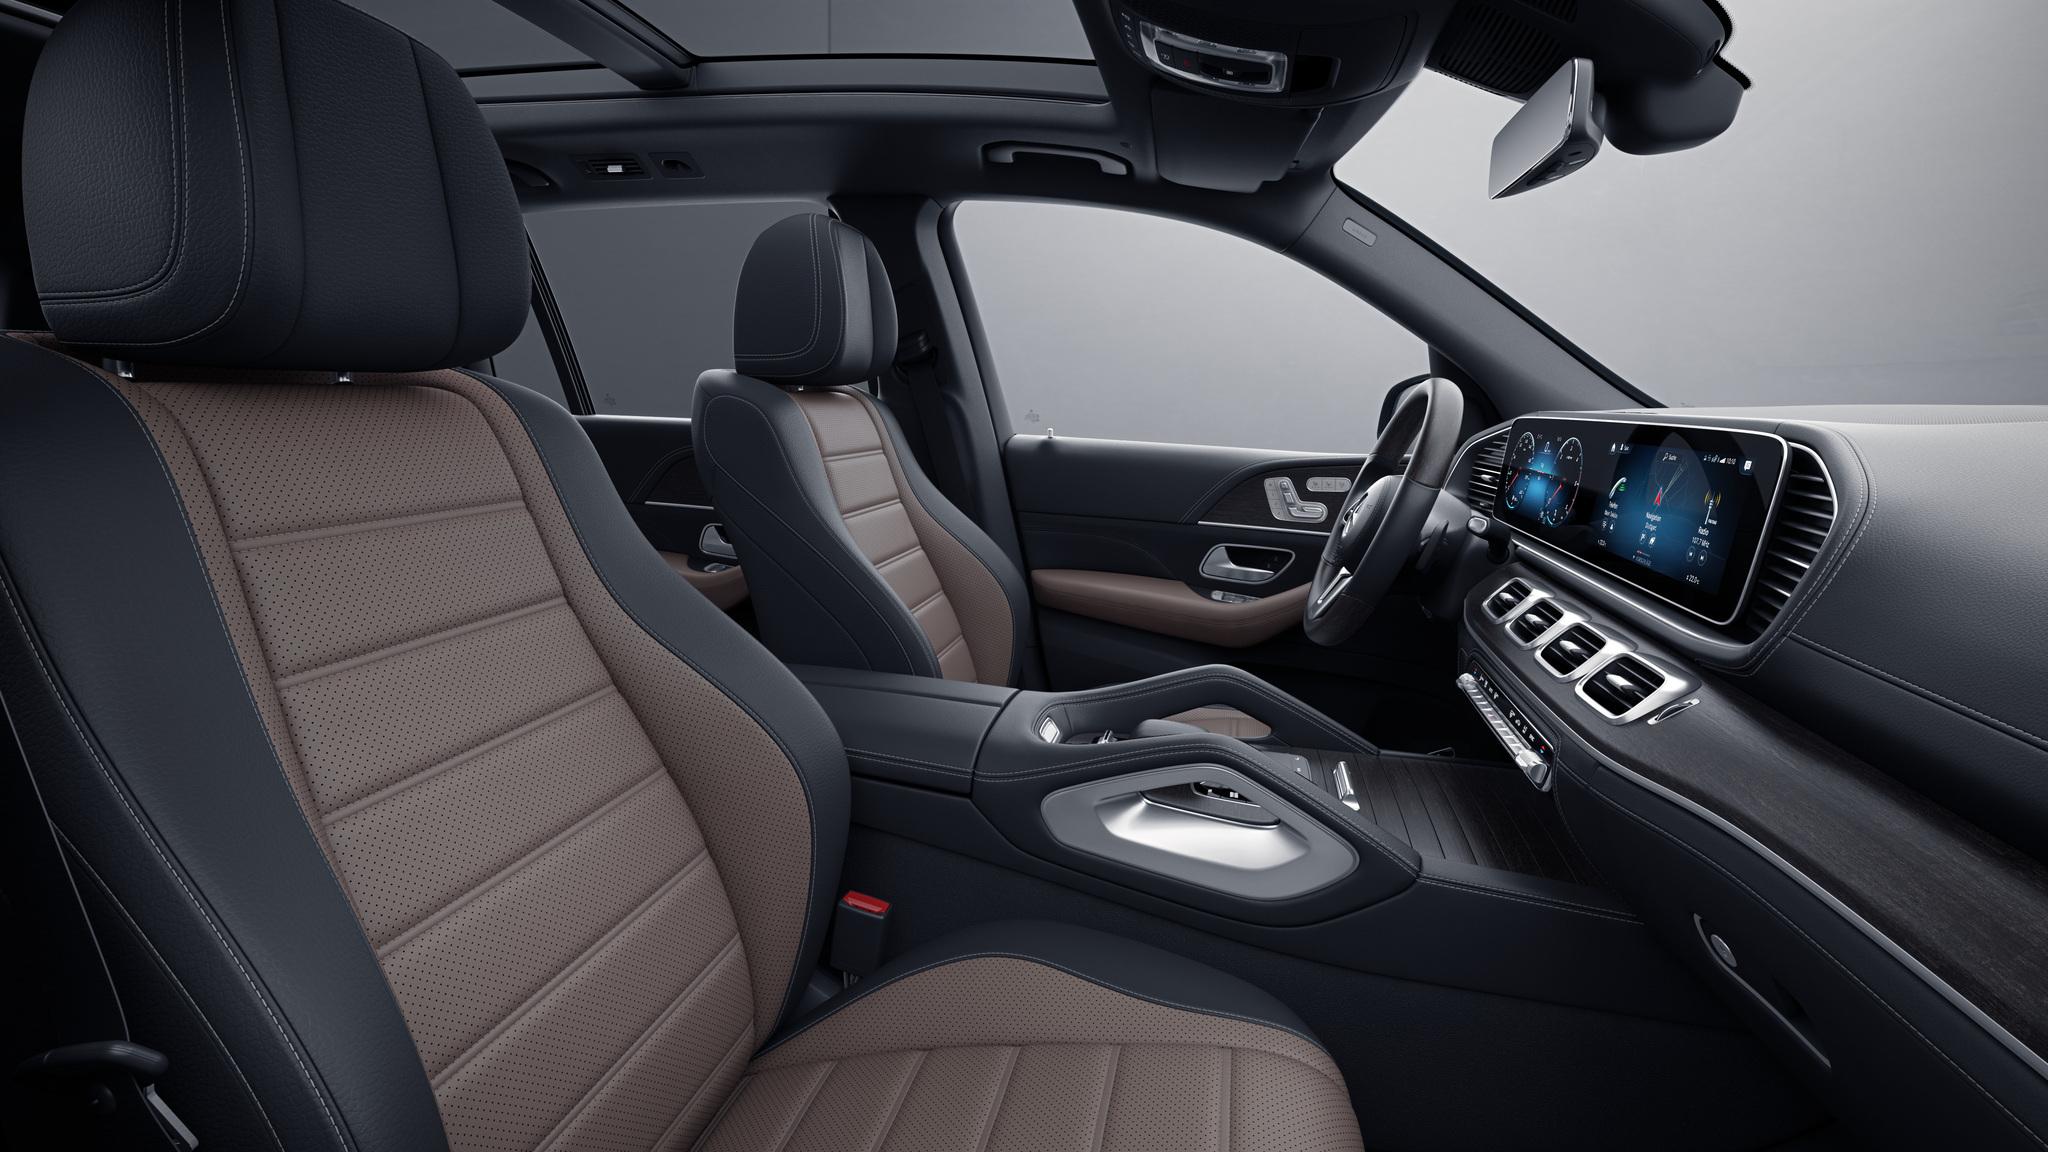 Habitacle de la Mercedes GLS avec une Sellerie cuir Rough cuir bicolore - marron tartuffe noir